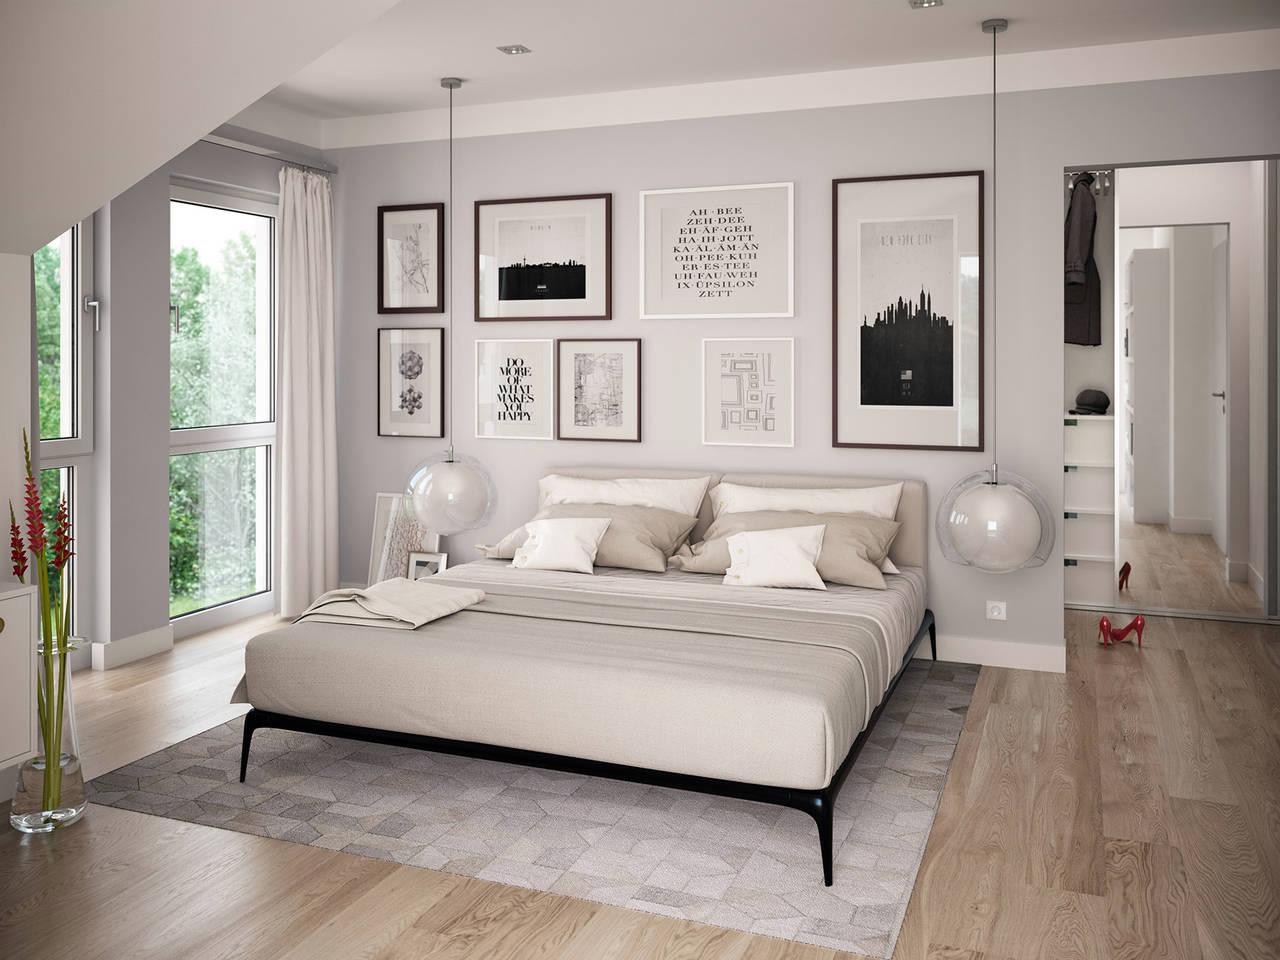 Haus SOLUTION 126 L V5 Schlafzimmer von Living Haus